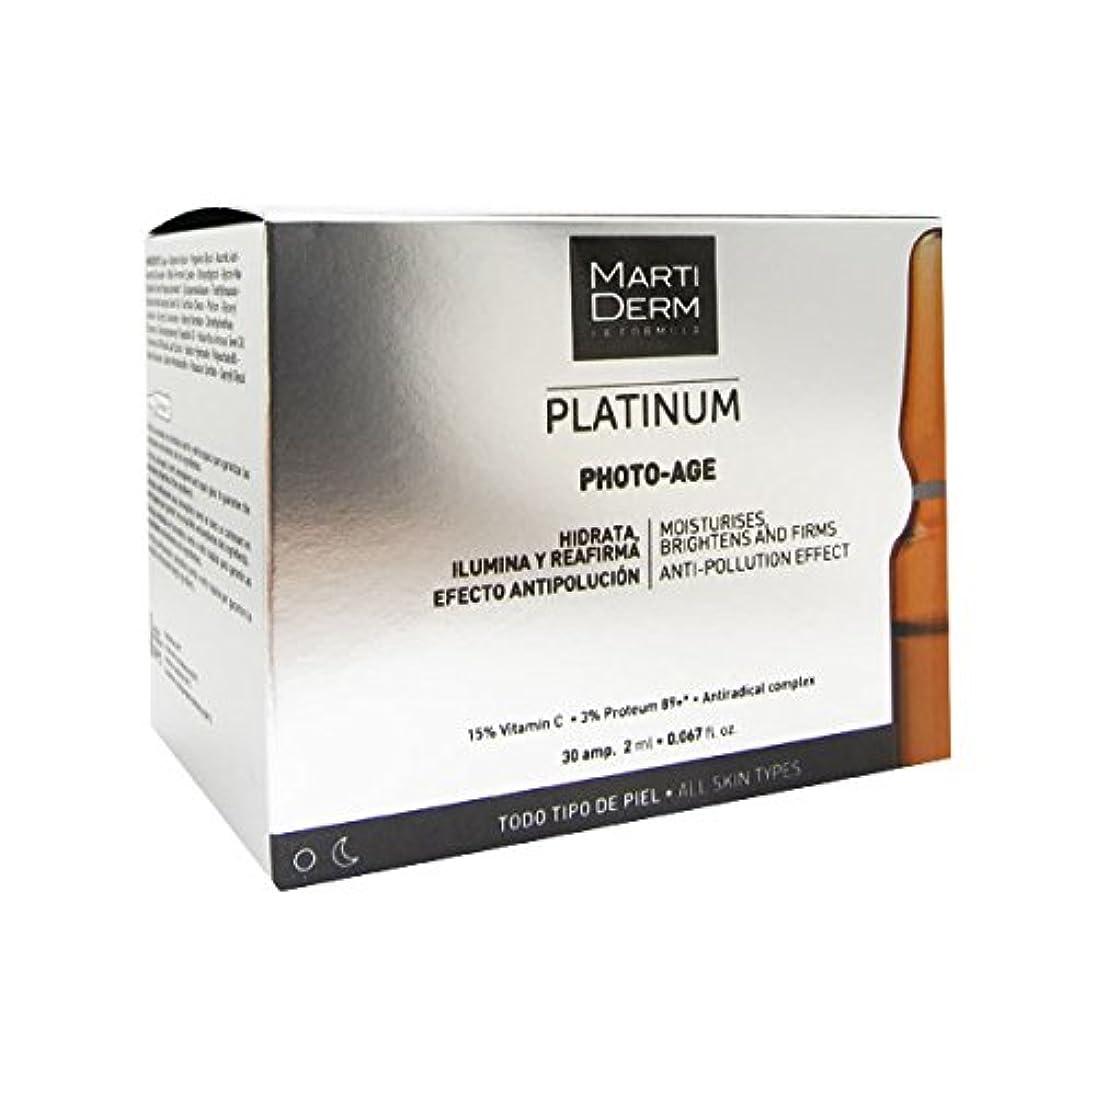 ハイブリッド鼻平均Martiderm Platinum Photo-age 30ampx2ml [並行輸入品]